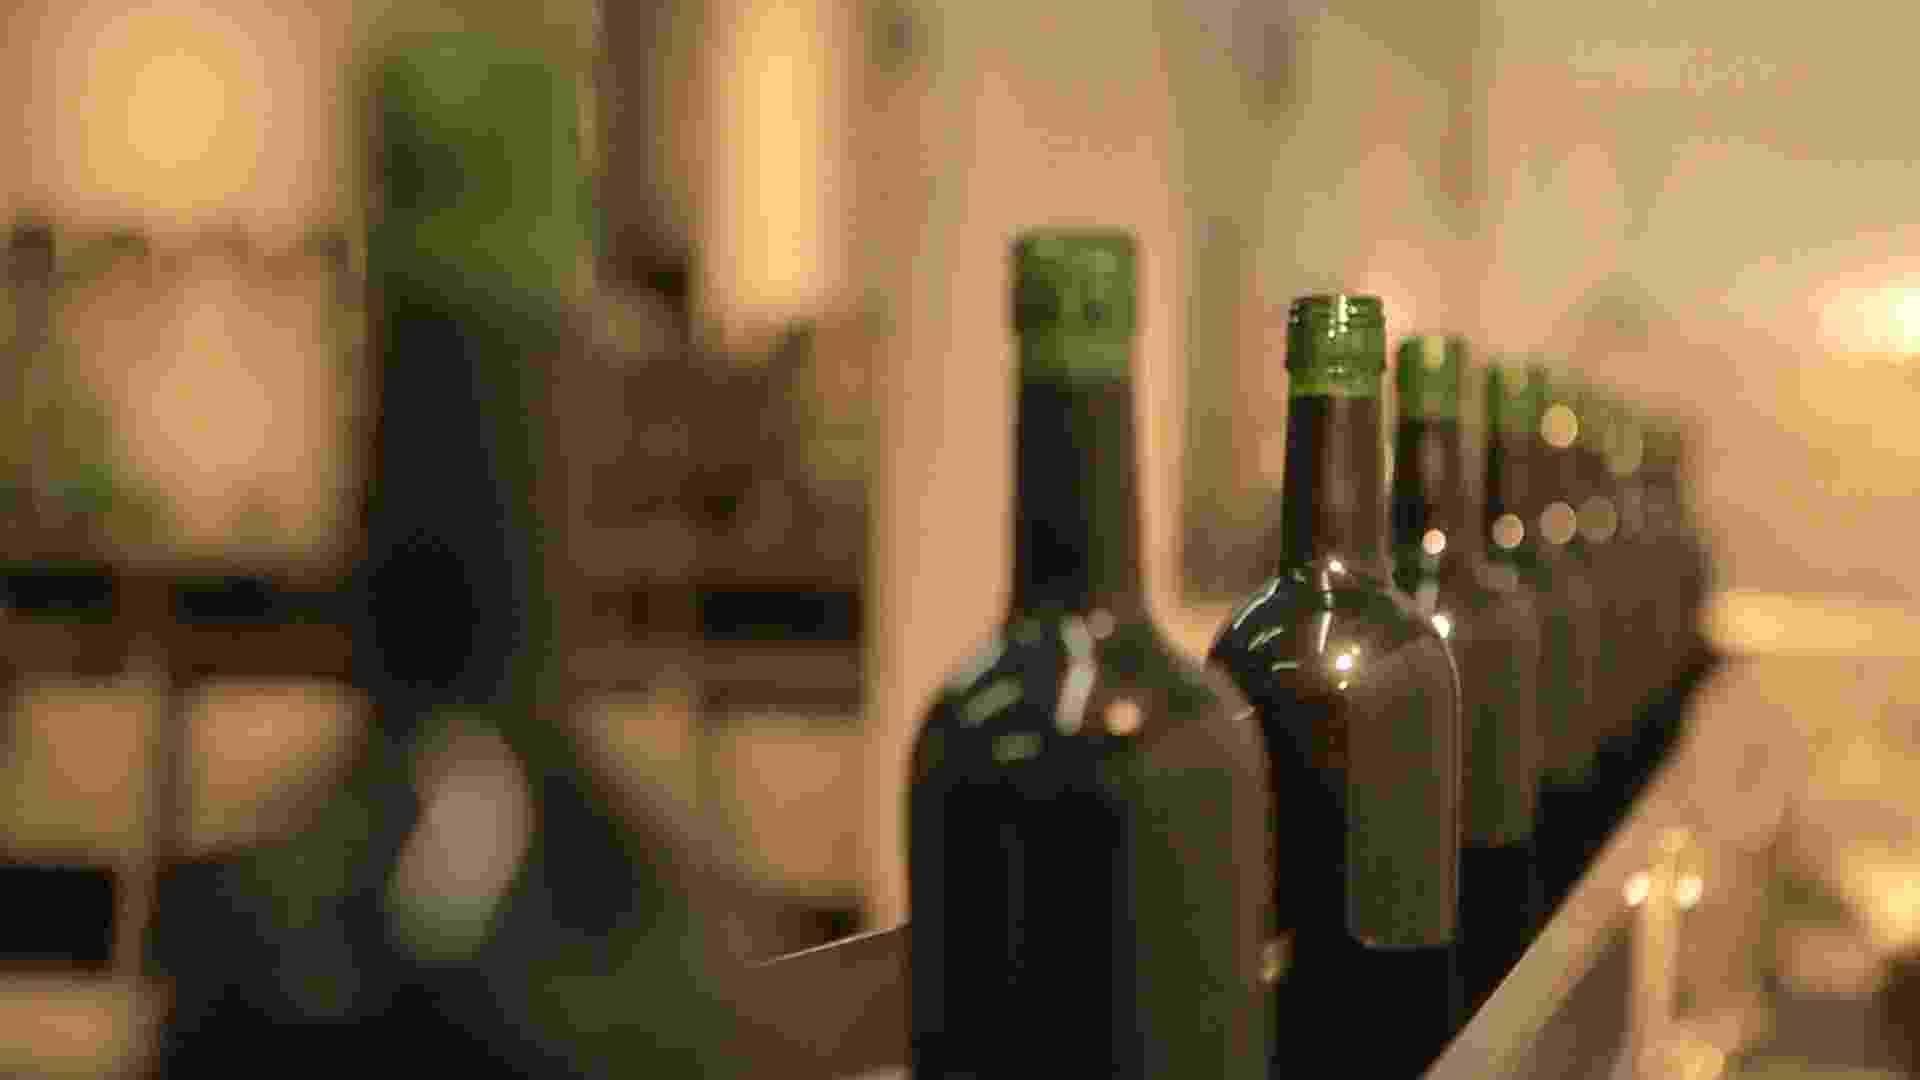 Produção de vinhos da Vinícola Góes - Divulgação